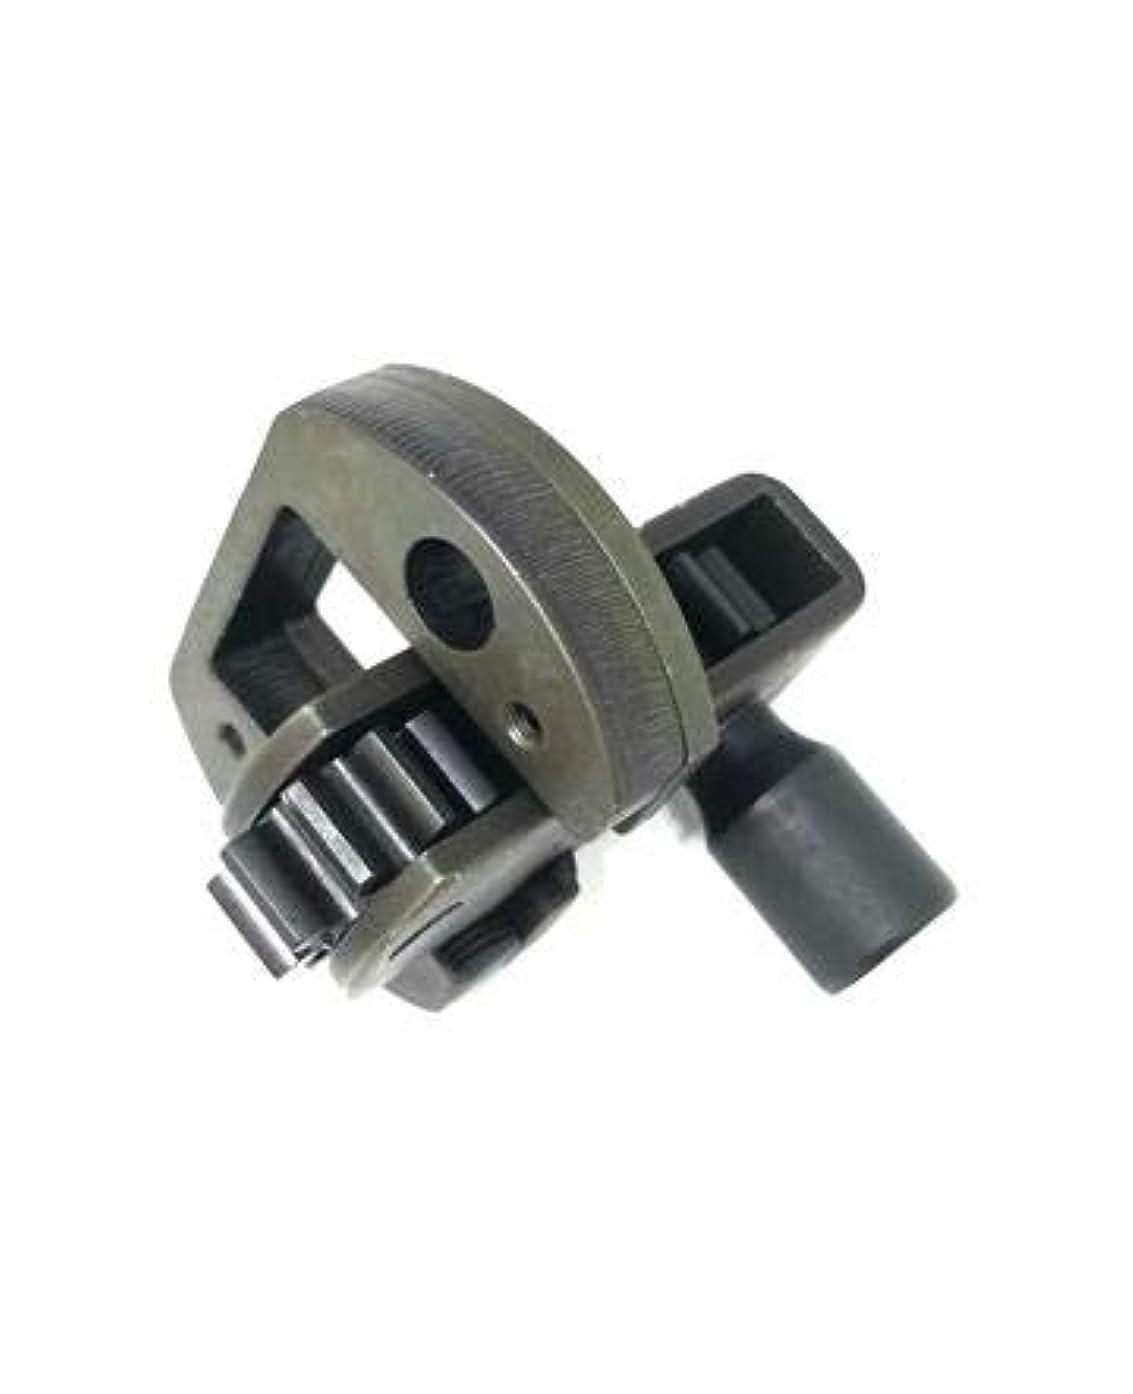 Detroit Diesel DD13, DD15, DD16 engine barring tool alternative to W470589046300 or J-46392